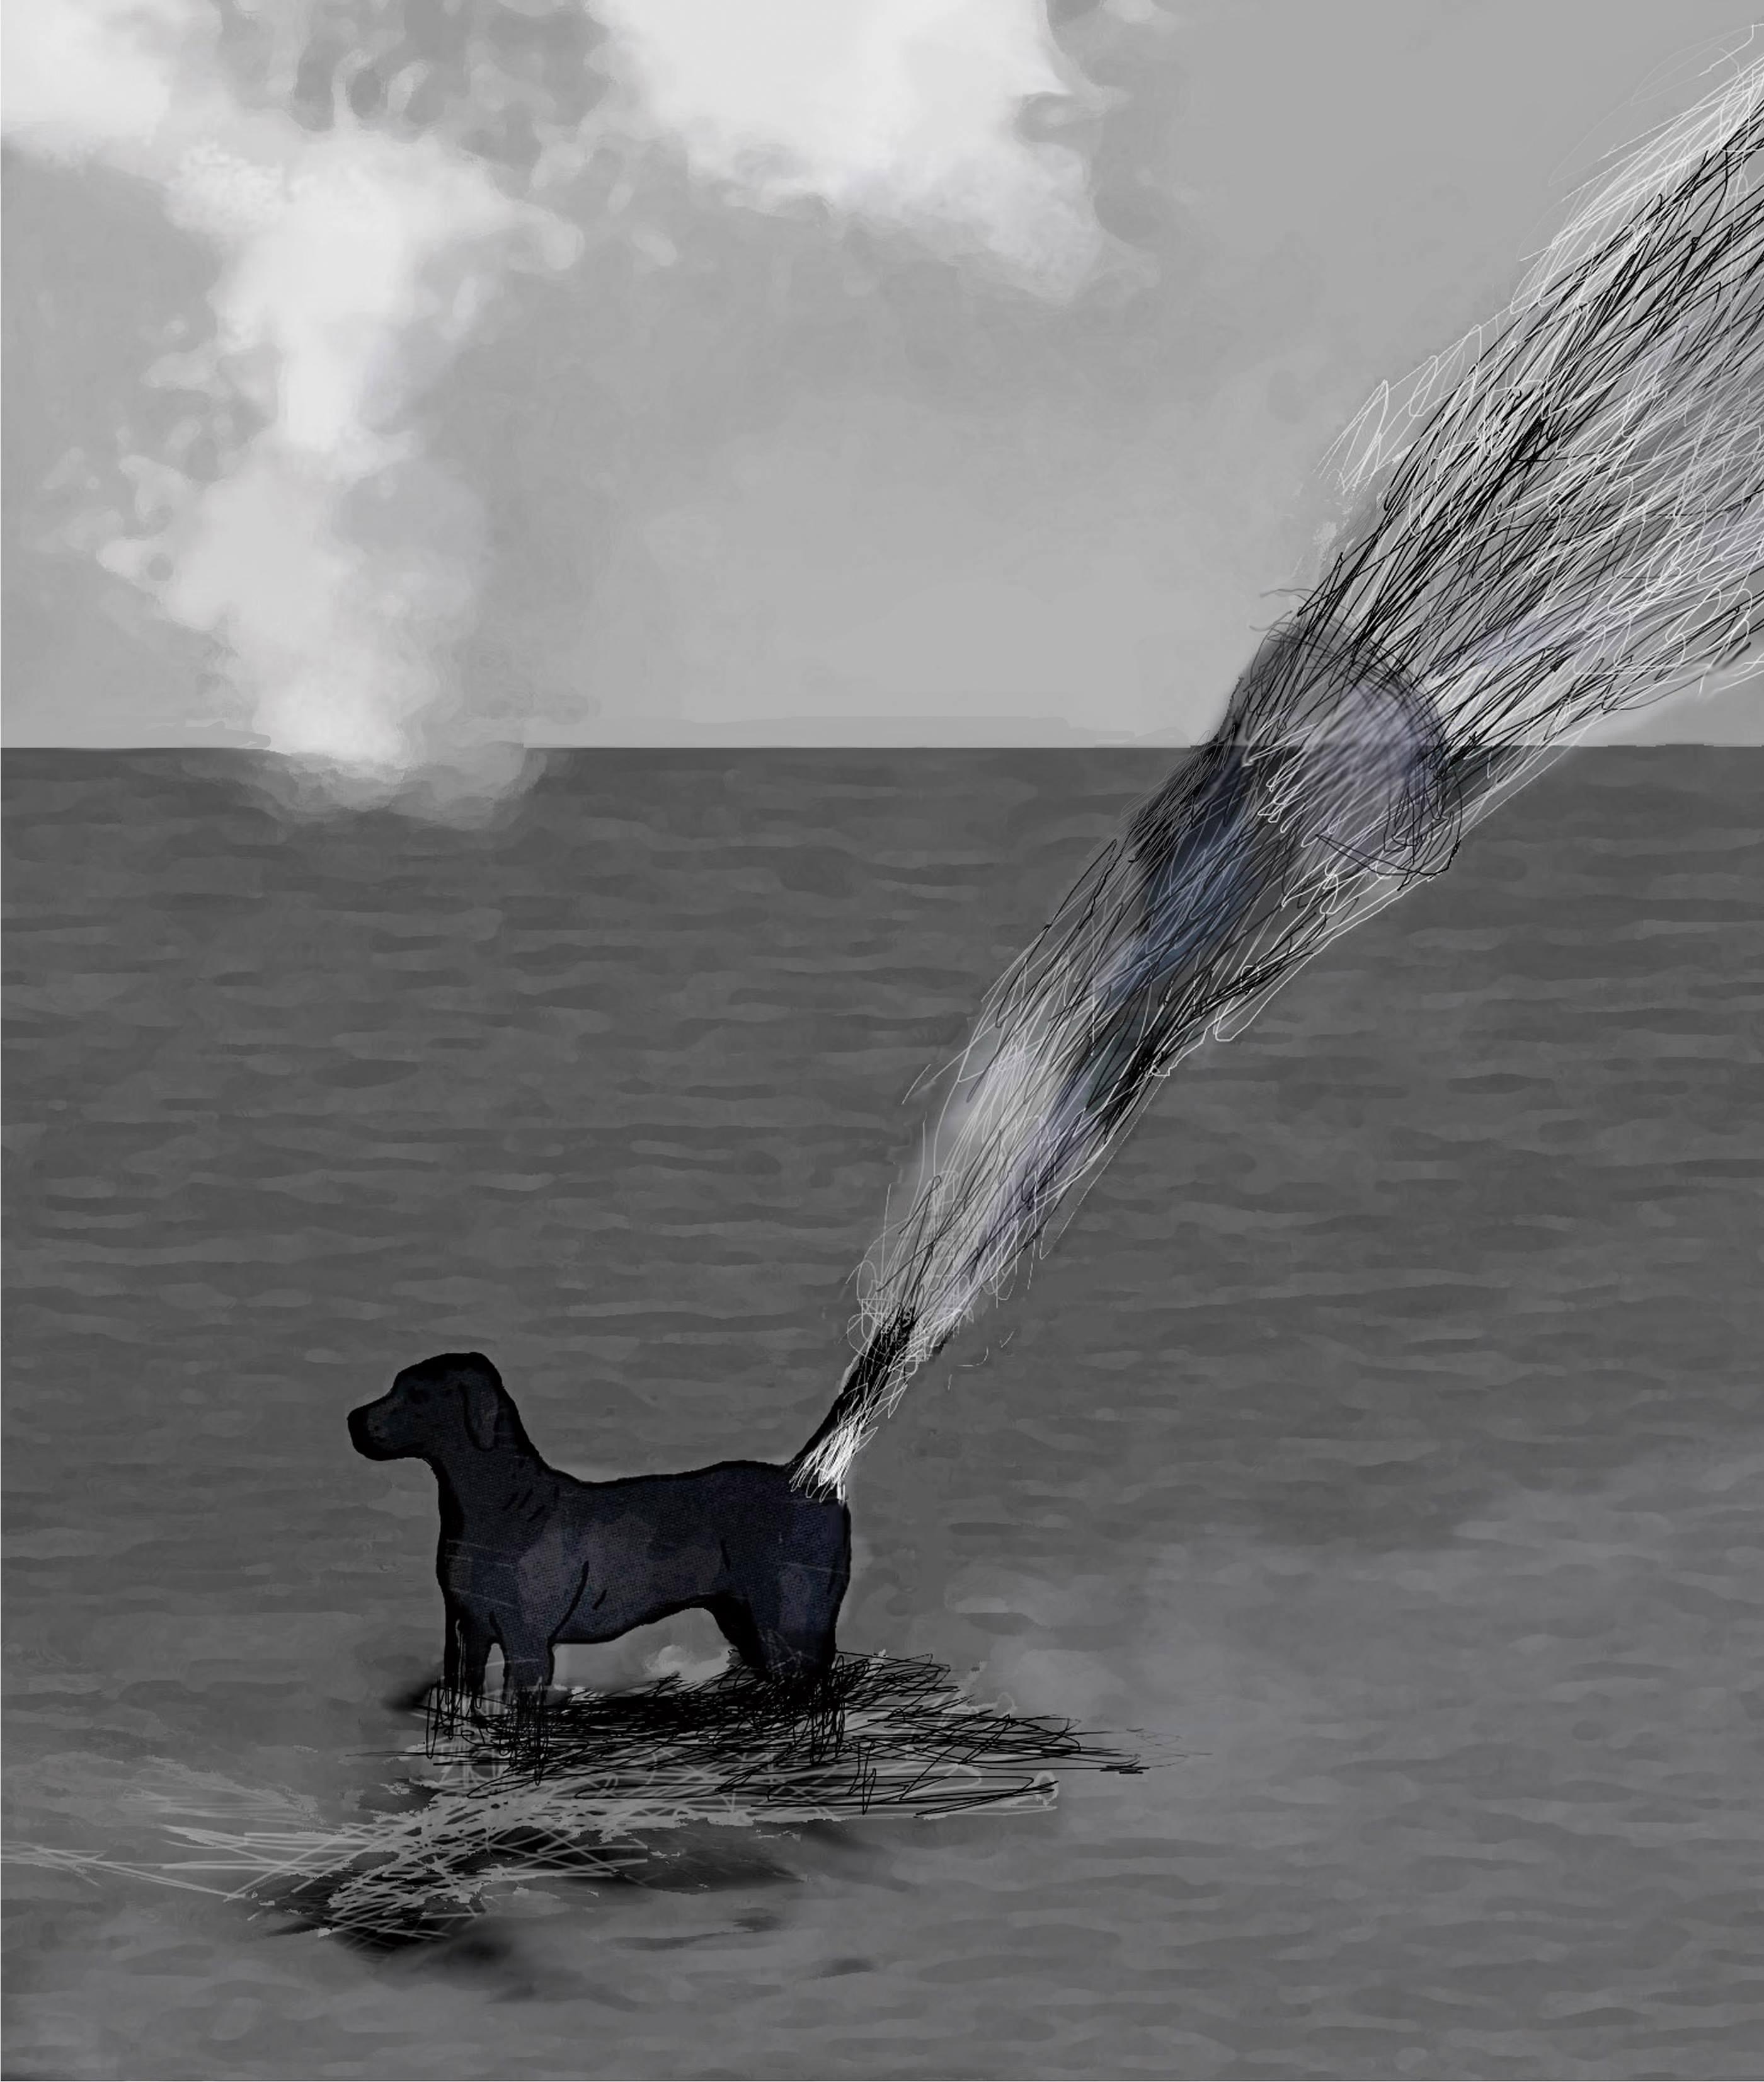 El último perro del Mediterráneo<br/>Técnica mixta / Mixed technique